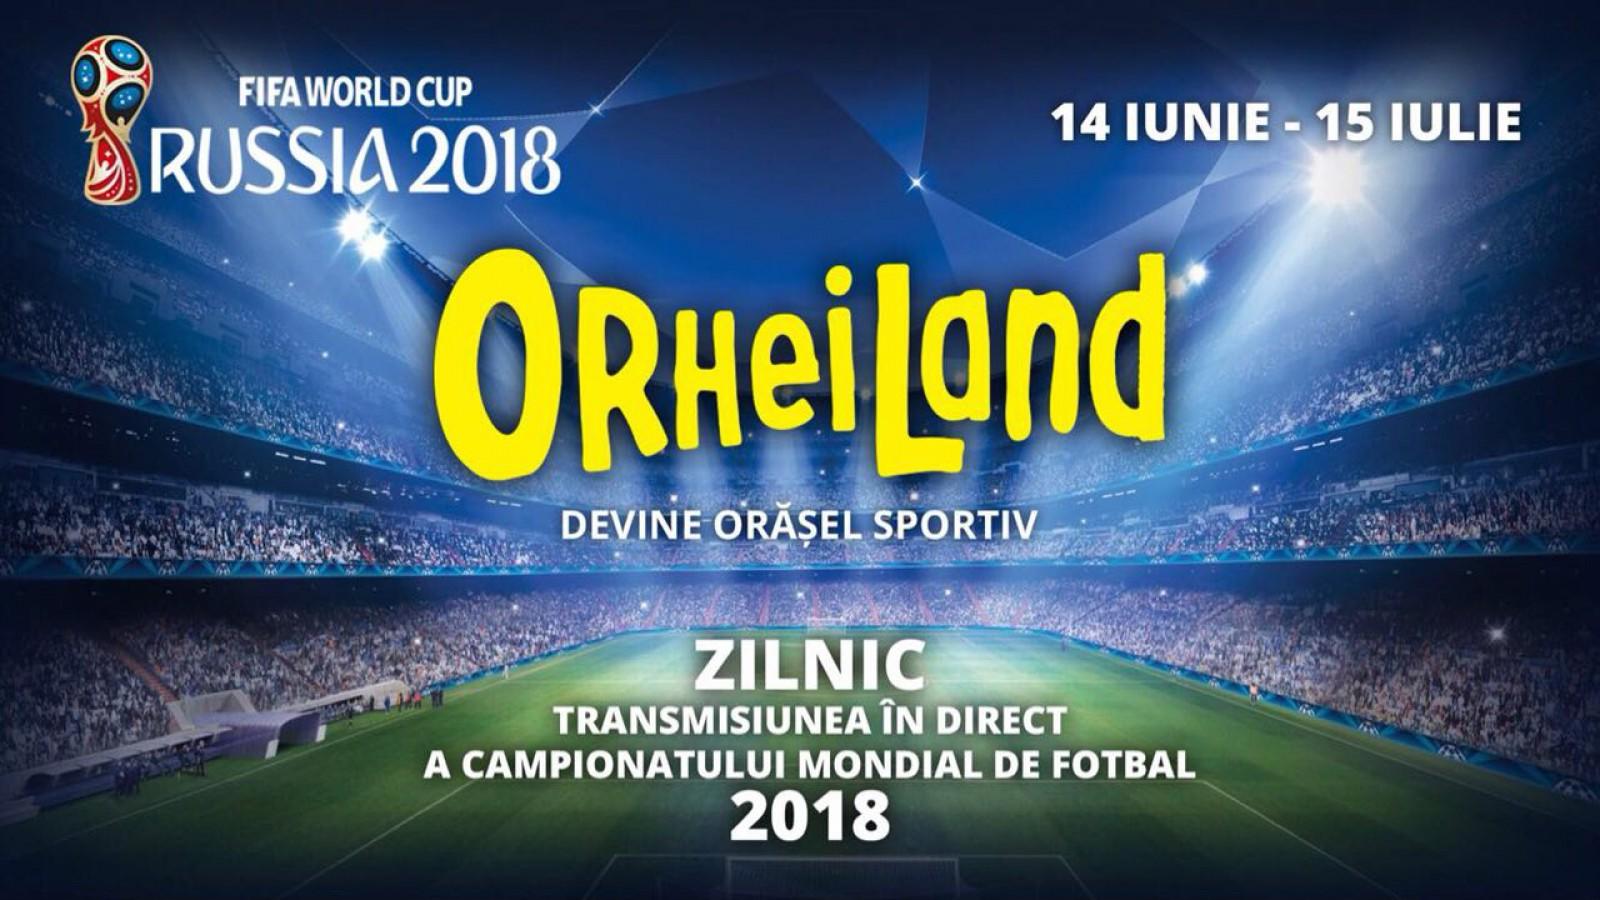 OrheiLand devine orășel sportiv și va retransmite gratis, în direct, Campionatul Mondial de Fotbal